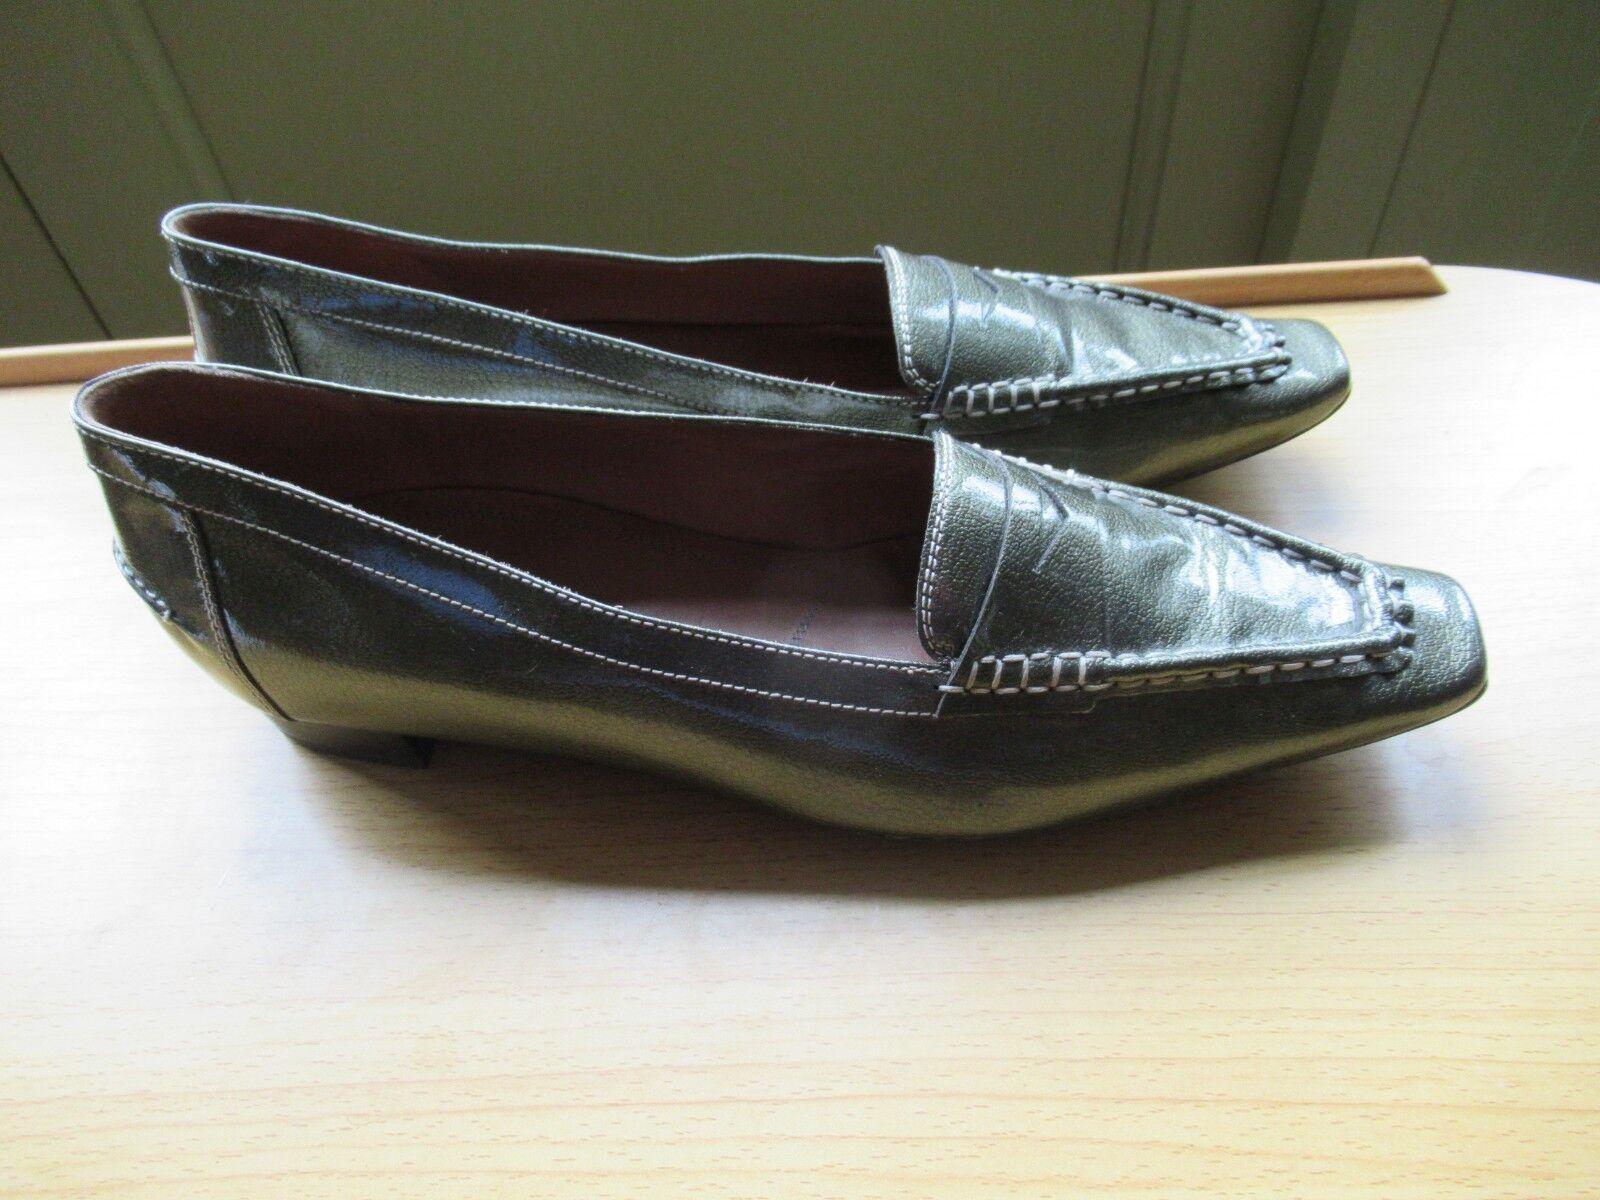 NOUVEAU  HOGL Softline Super Qualité Styish Vert Métallique Chaussures Cuir Taille UK 8